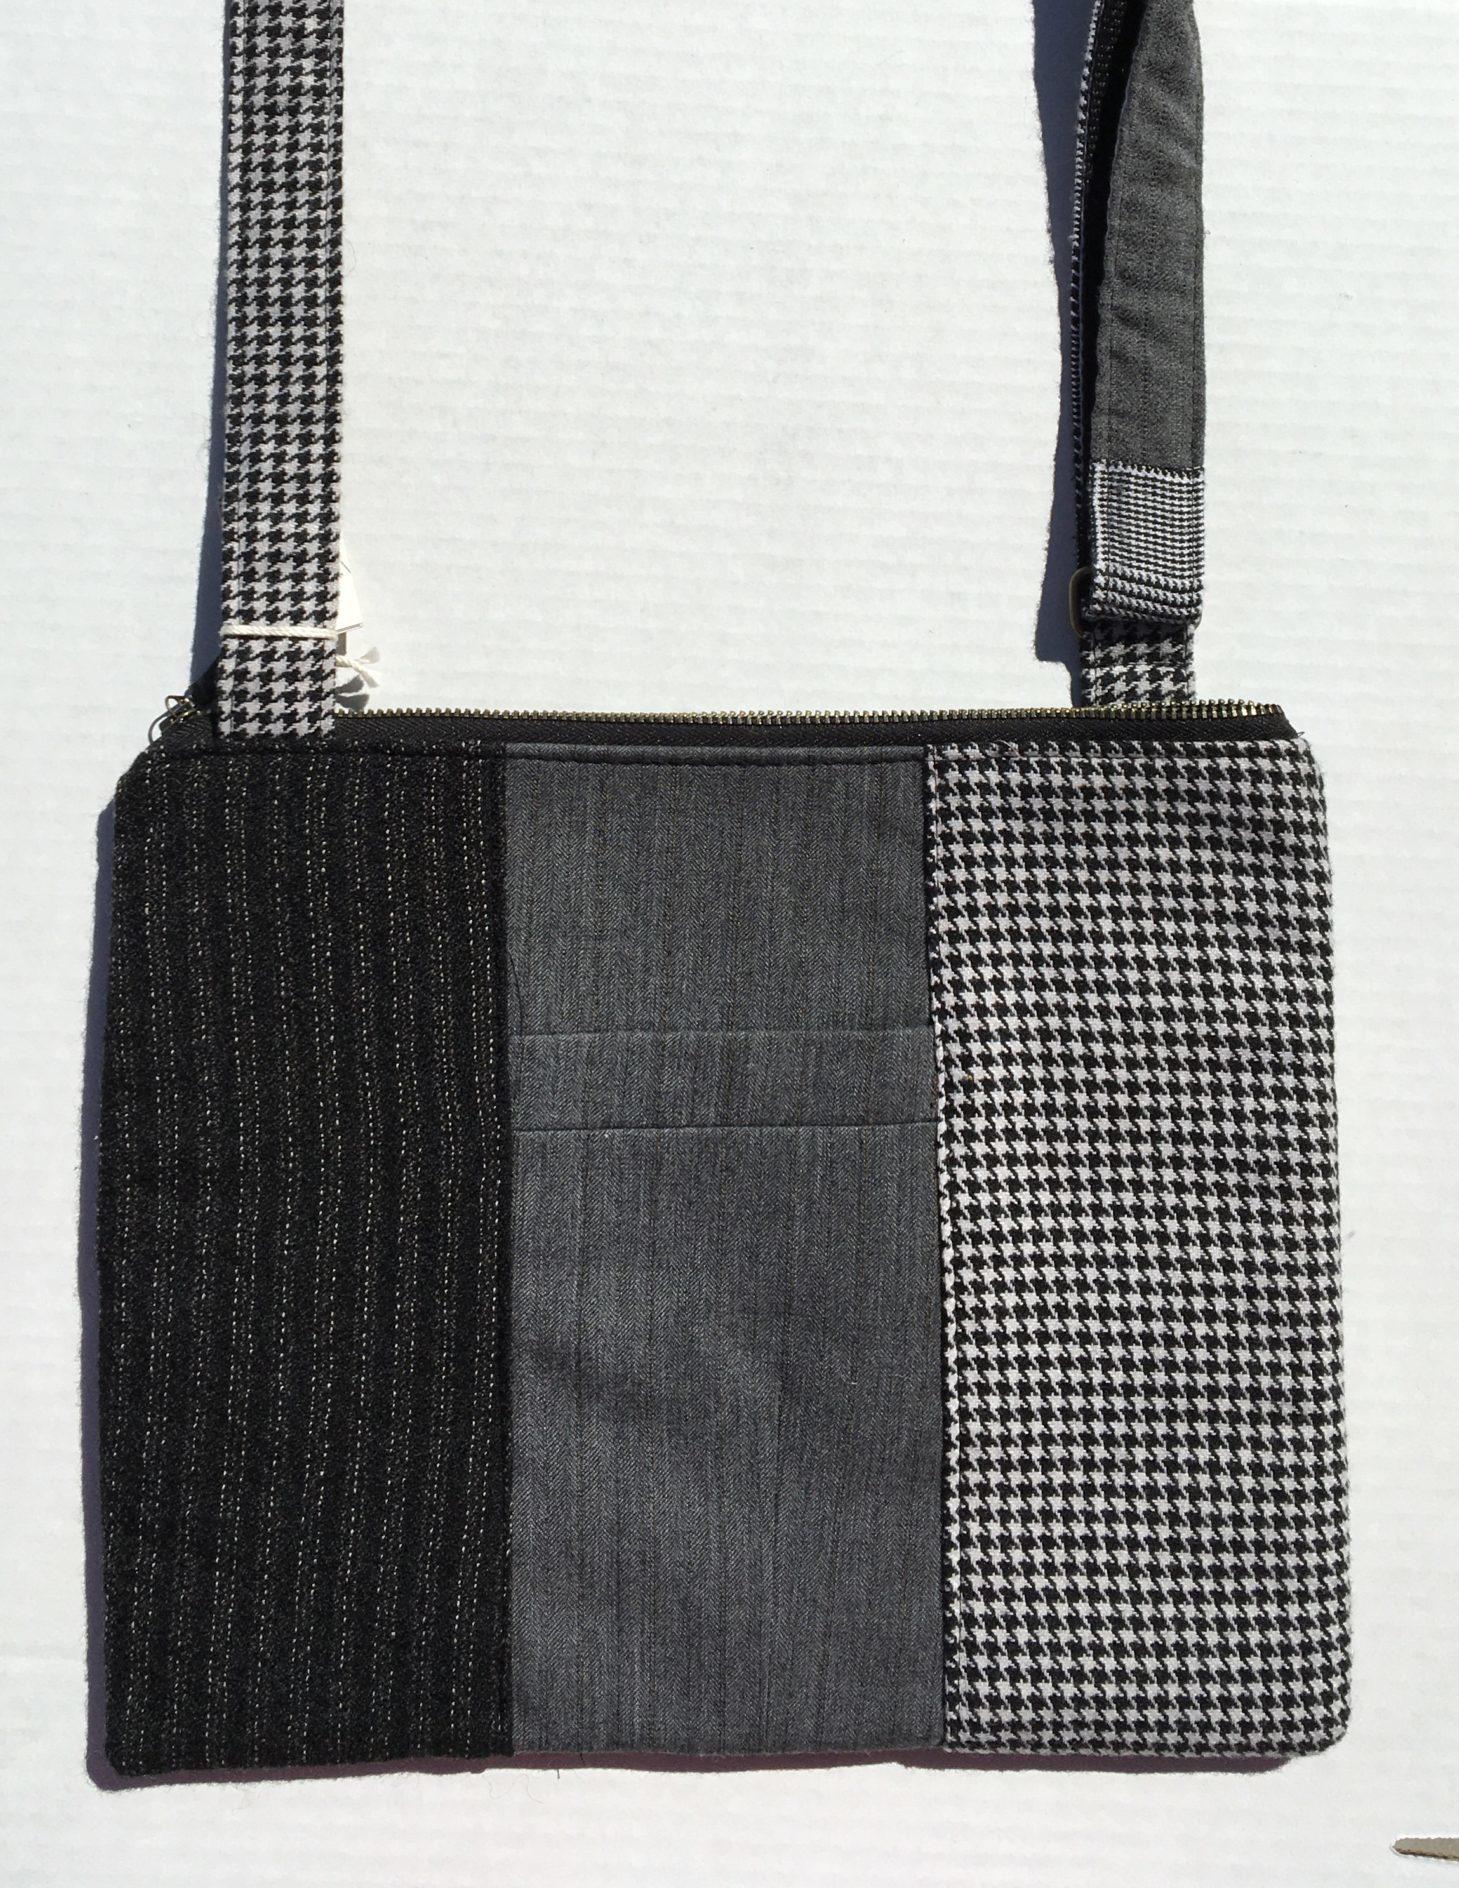 2020 Suit Bags Pics 008